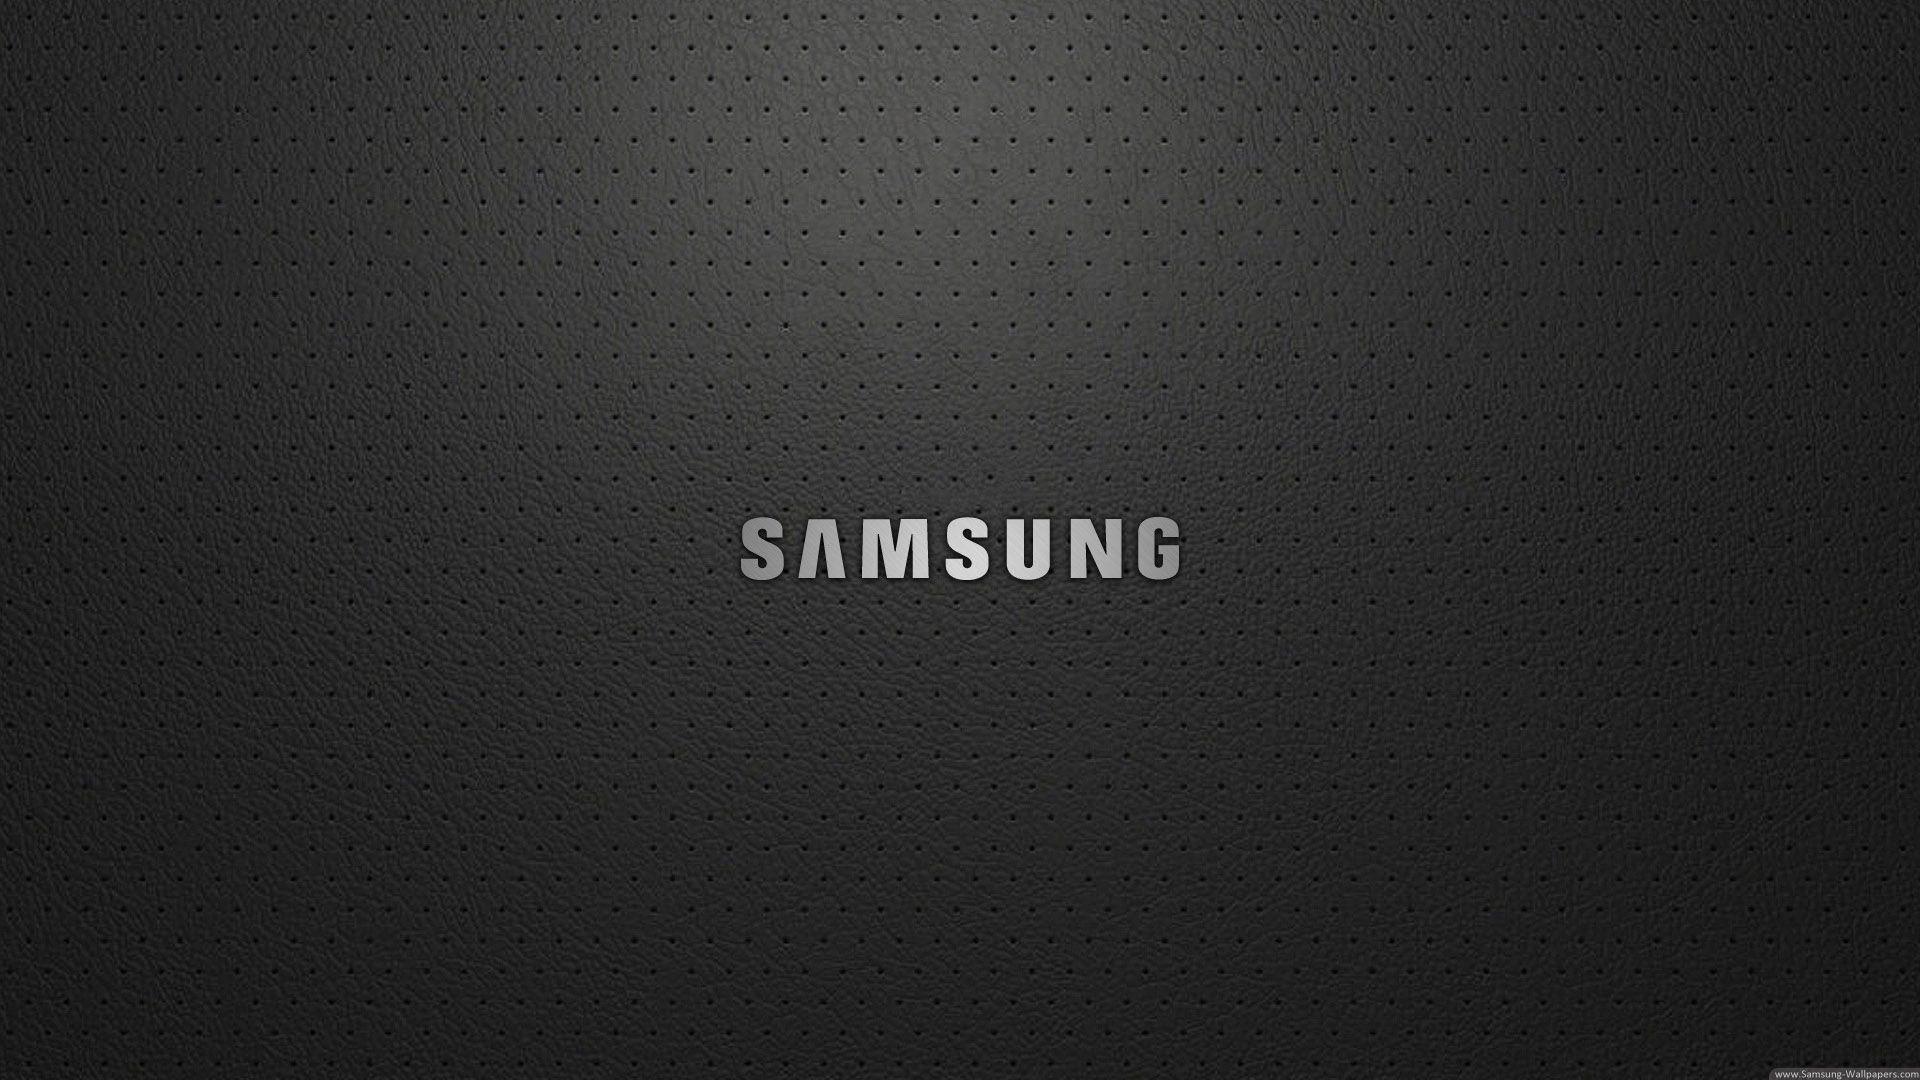 Wallpapers Logo Samsung HD Logo Backgrounds Best Desktop 1920x1080